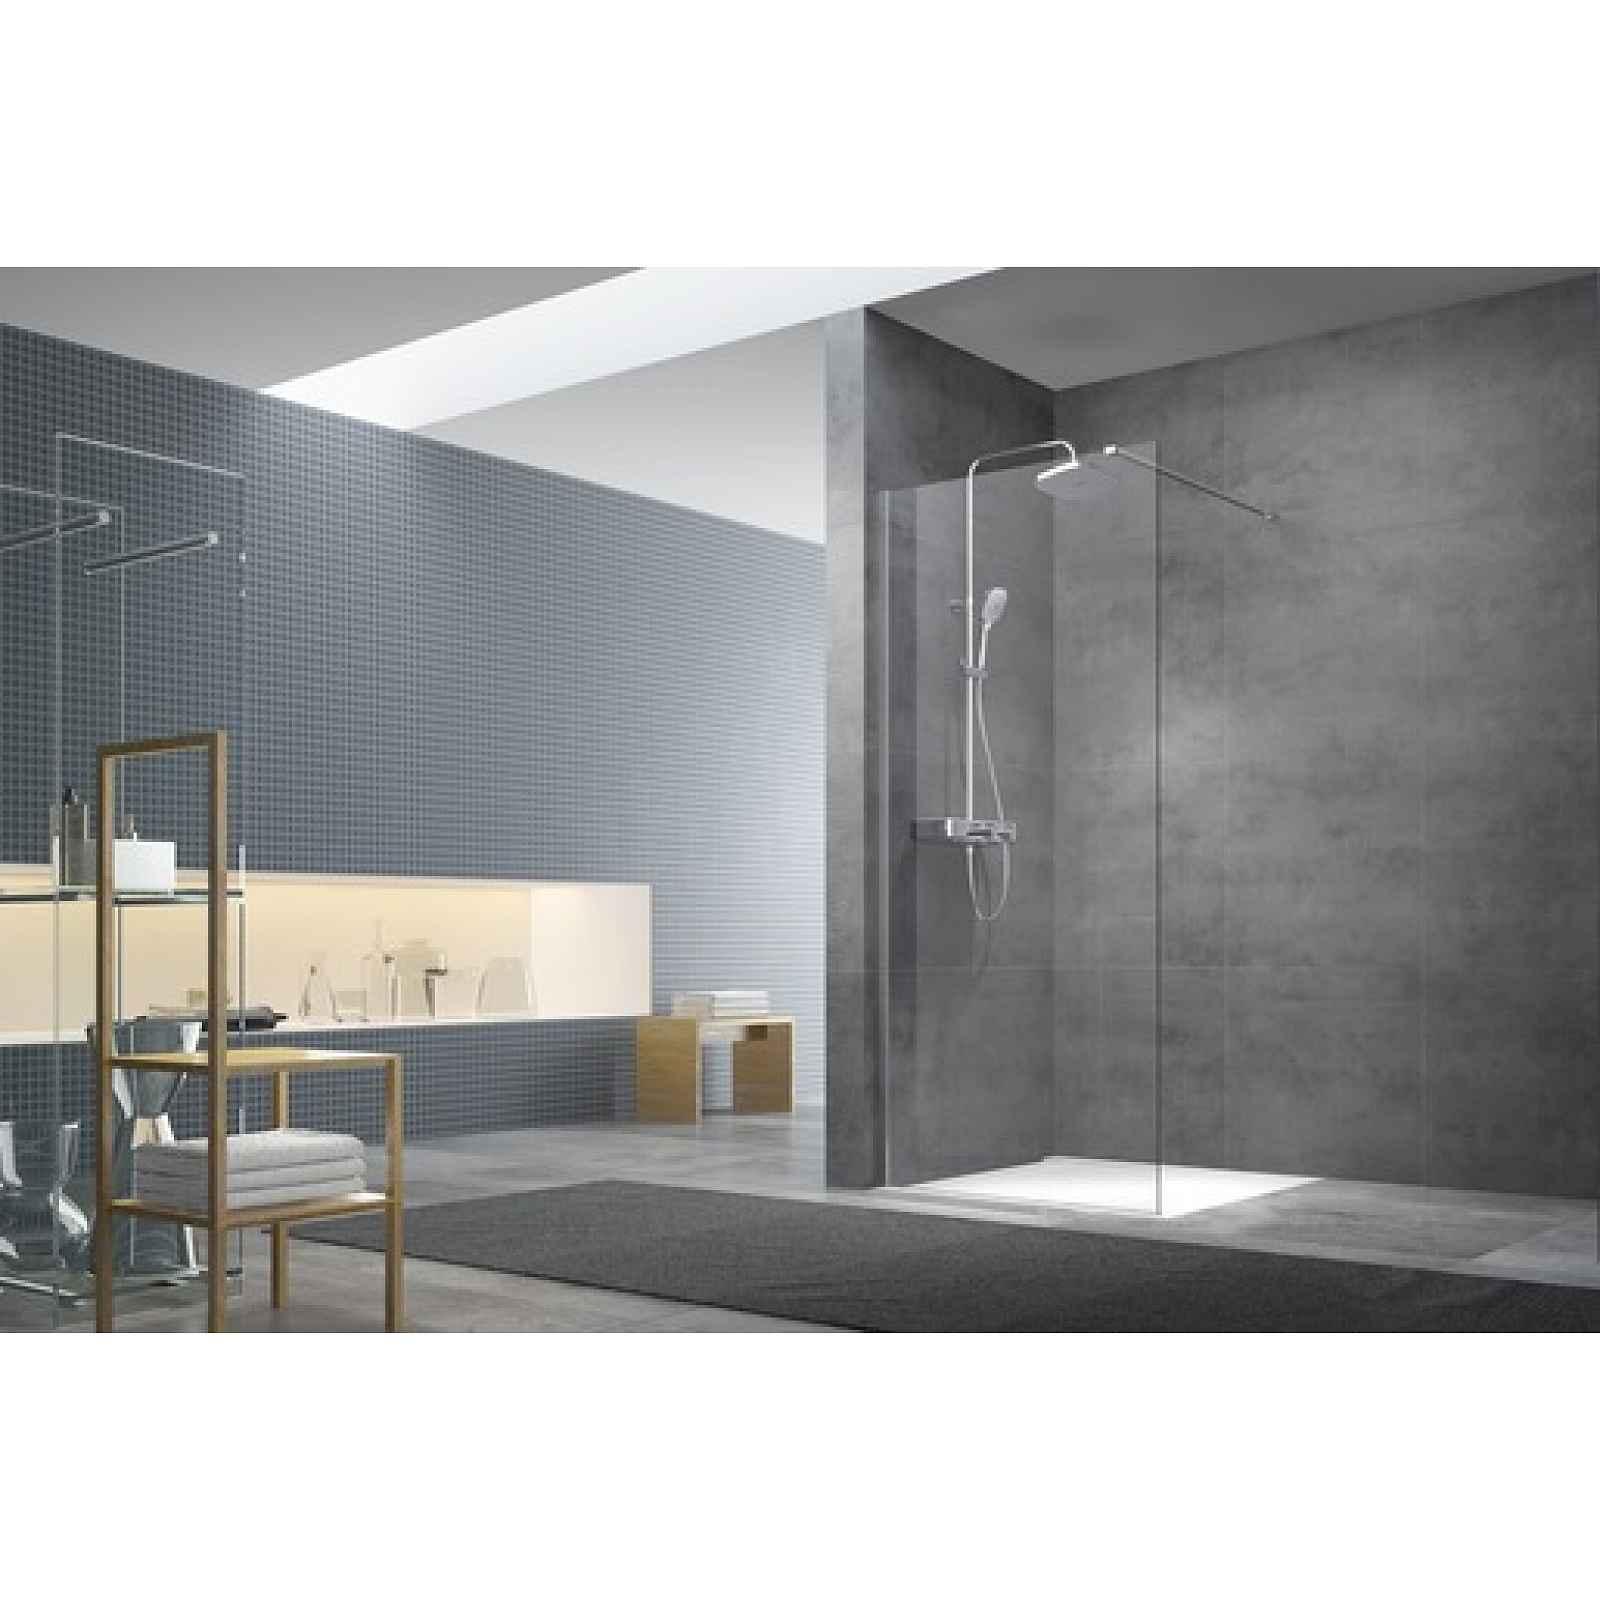 Sprchová zástěna walk-in Walk-In / dveře 110 cm s profilem a zavětrováním Swiss Aqua Technologies Walk-in SATBWI110PR